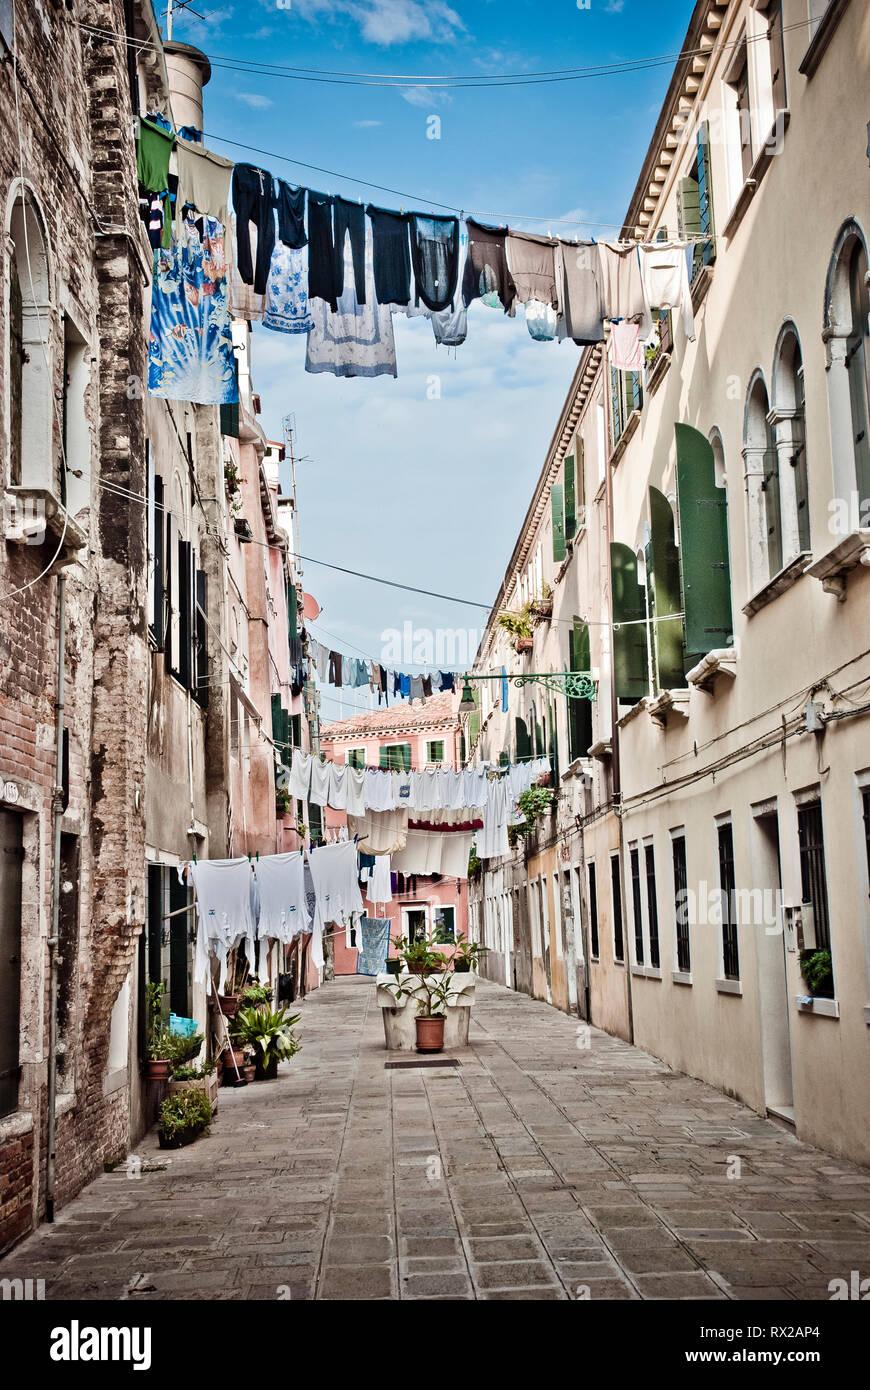 La pendaison de blanchisserie dans une ruelle de Venise, Italie Banque D'Images